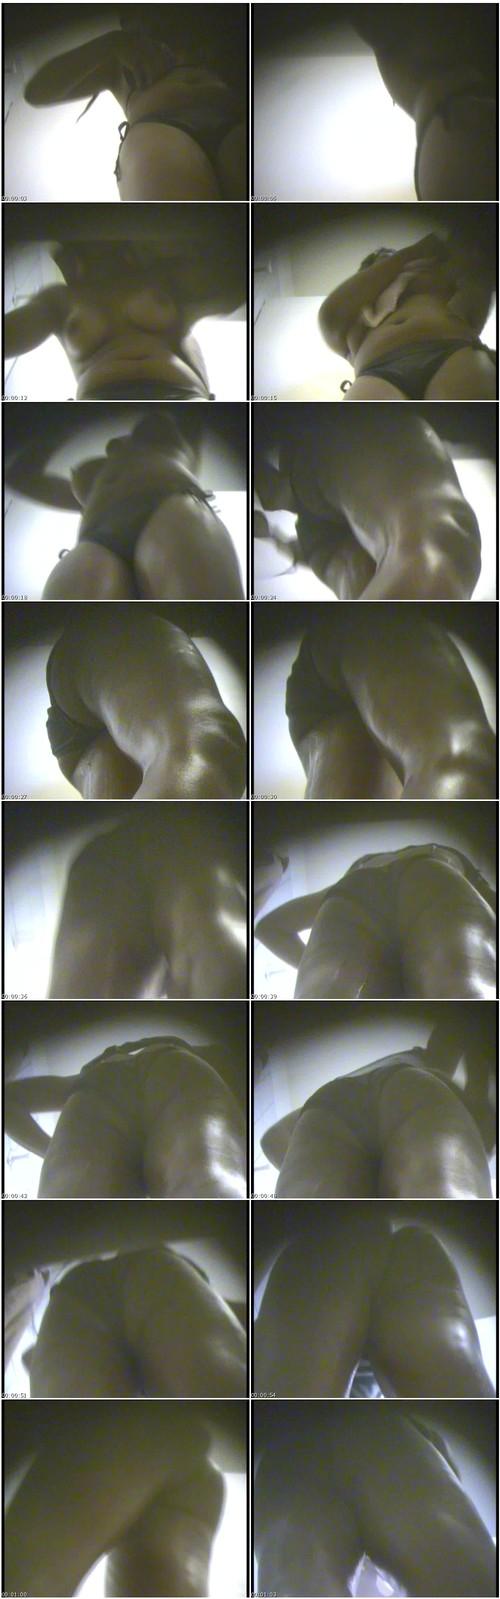 http://ist5-1.filesor.com/pimpandhost.com/9/6/8/3/96838/6/s/W/2/6sW2n/pool%20vid-x320_thumb_m.jpg